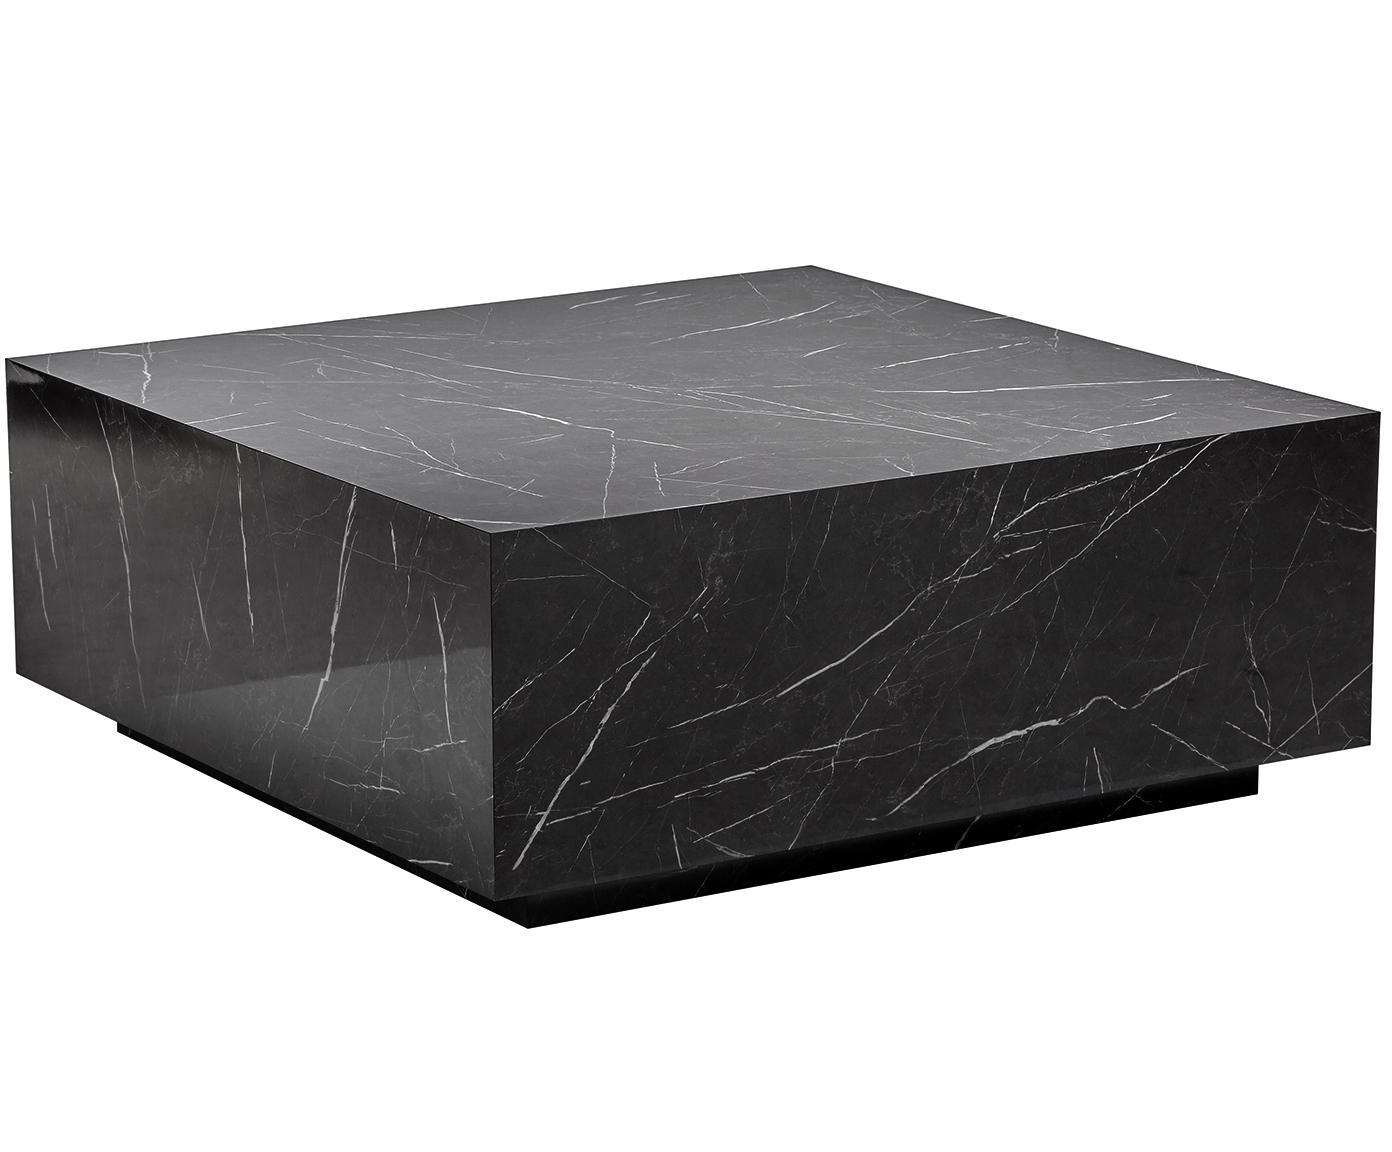 Tavolino da salotto nero effetto marmo Lesley, Pannello di fibra a media densità (MDF) rivestito con foglio di melamina, Nero, marmorizzato lucido, Larg. 90 x Prof. 90 cm